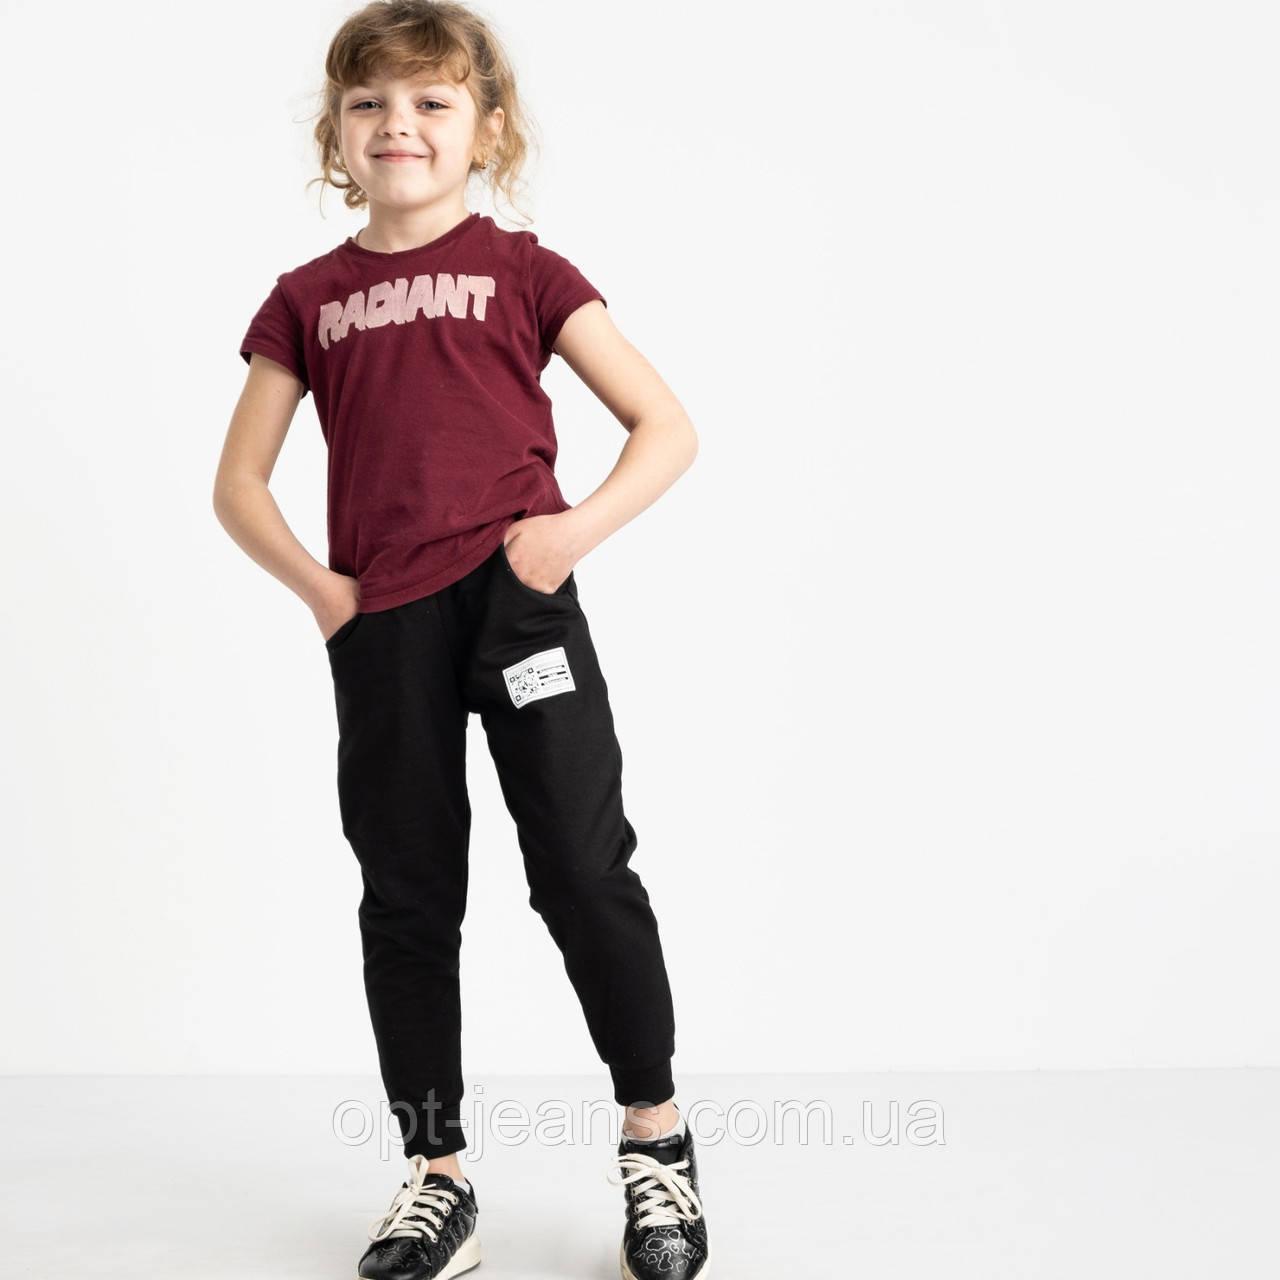 7585-1 черные спортивные брюки из двунитки на девочку 6-10 лет (5 ед. размеры: 28.30.32.34.36)